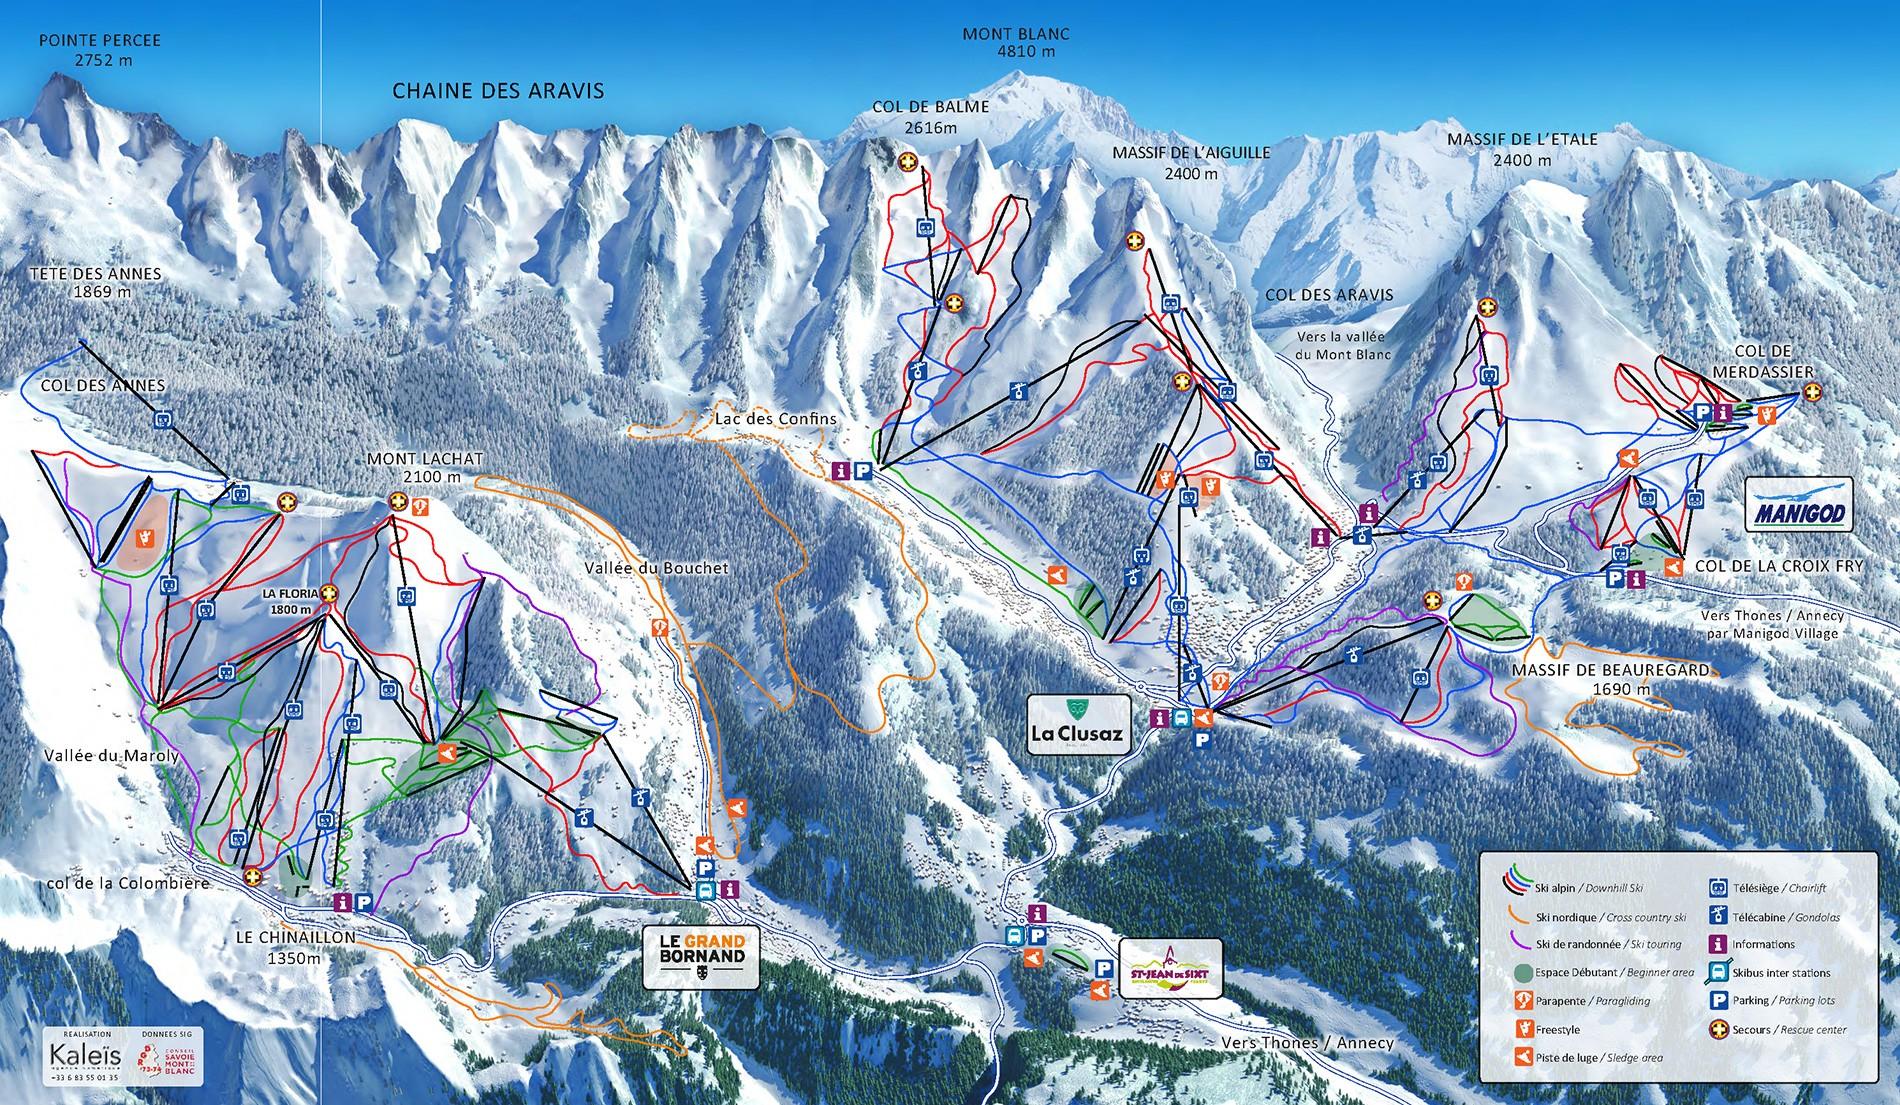 Plan des pistes du domaine skiable alpin Aravis